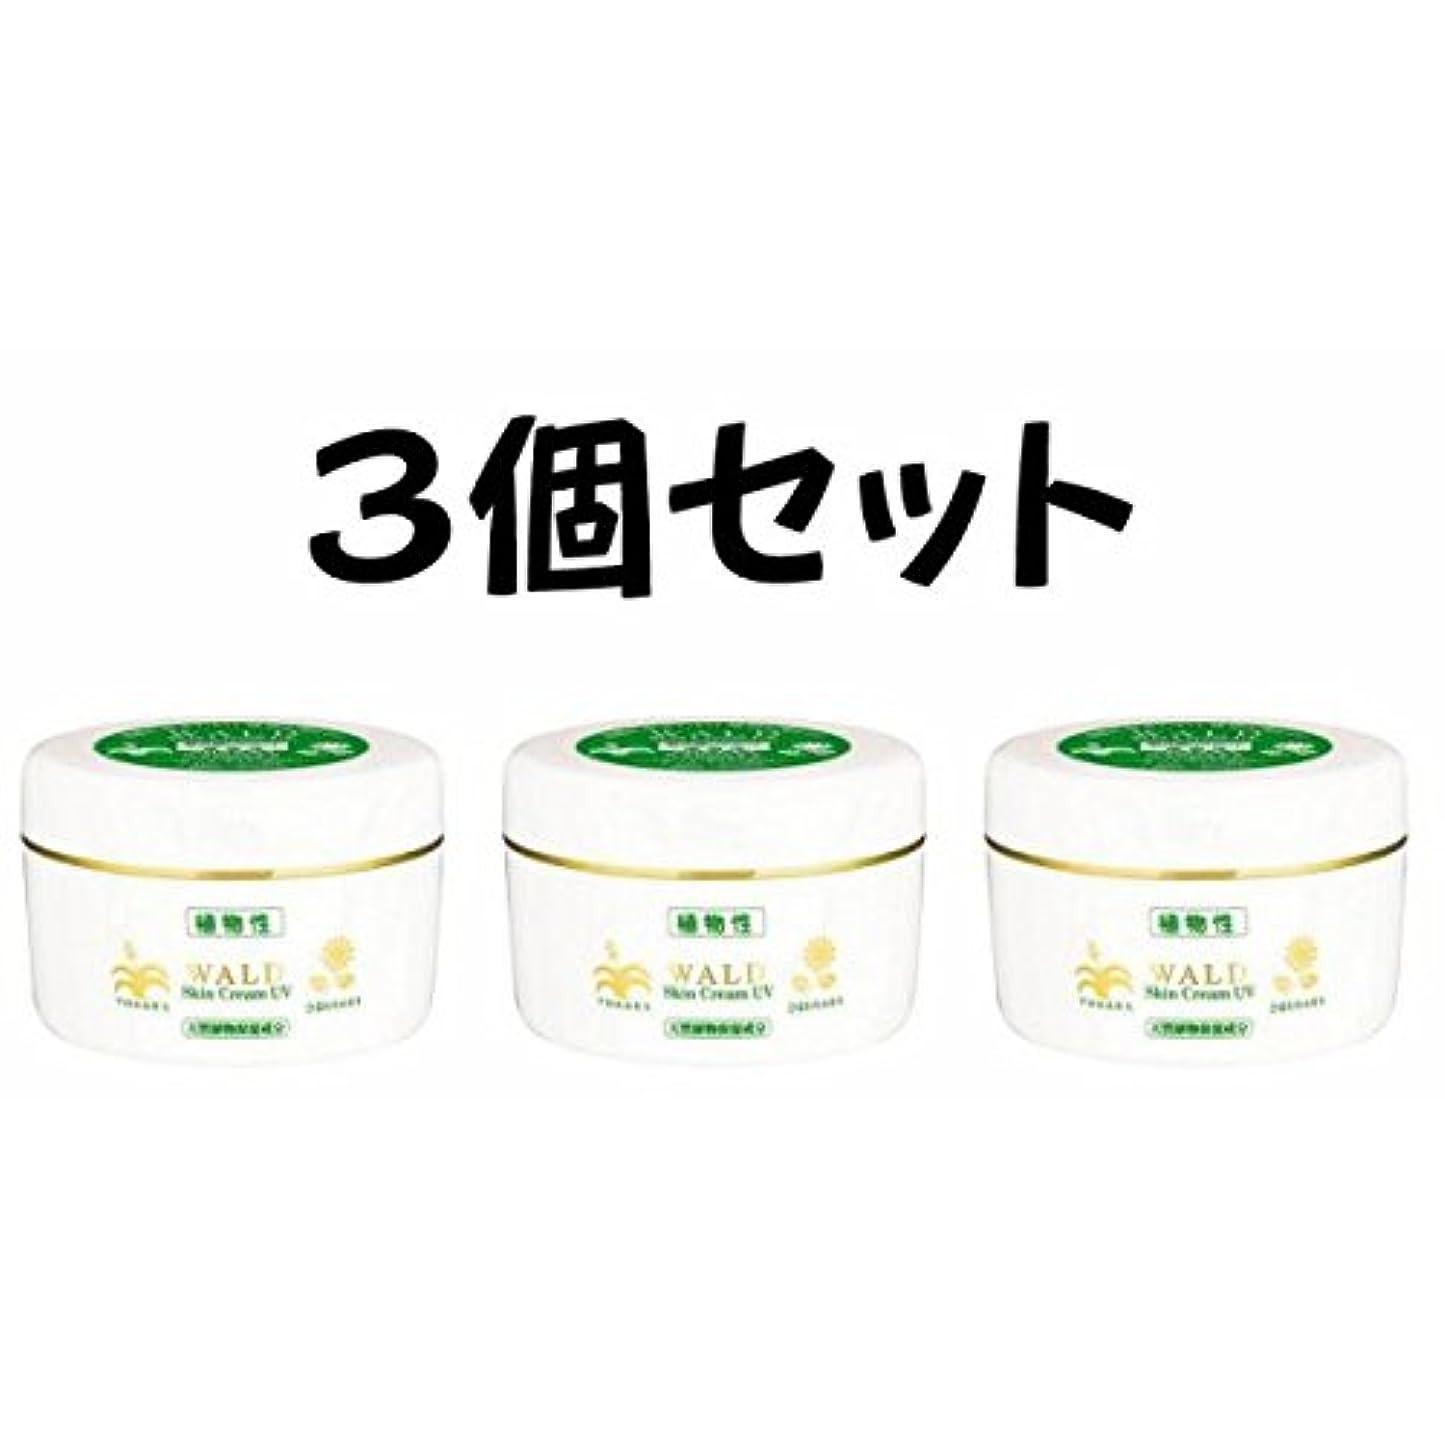 帳面パイプ顎新 ヴァルトスキンクリーム UV (WALD Skin Cream UV) 220g (3)